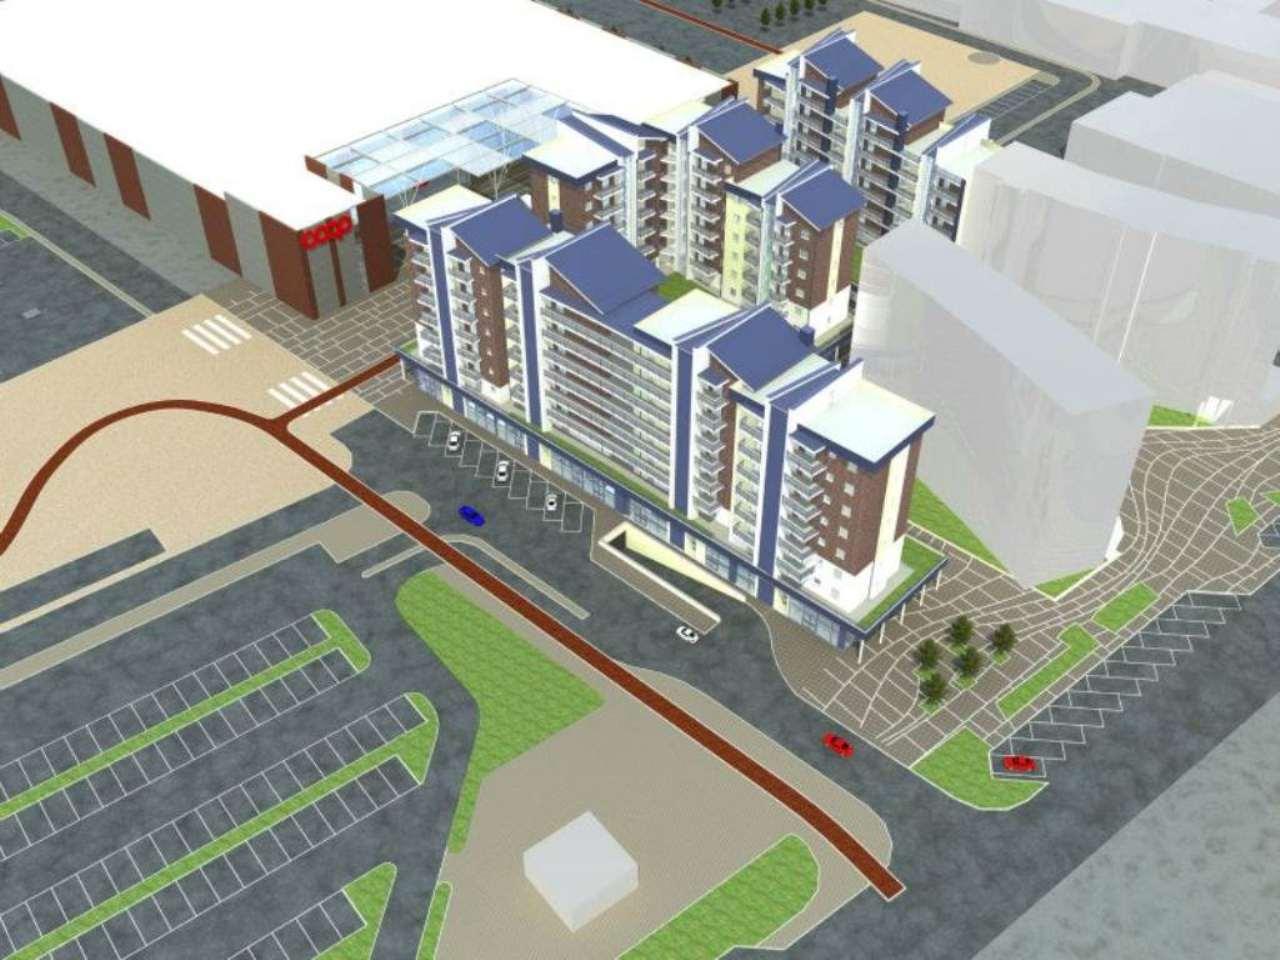 Immagine immobiliare Locale commerciale Lotto 16Locale commerciale open space di nuova costruzione a pochi passi dalla fermata Fermi della metropolitana e dall'area dove sorgerà la Coop.L'area commerciale si sviluppa attorno ad un contesto...